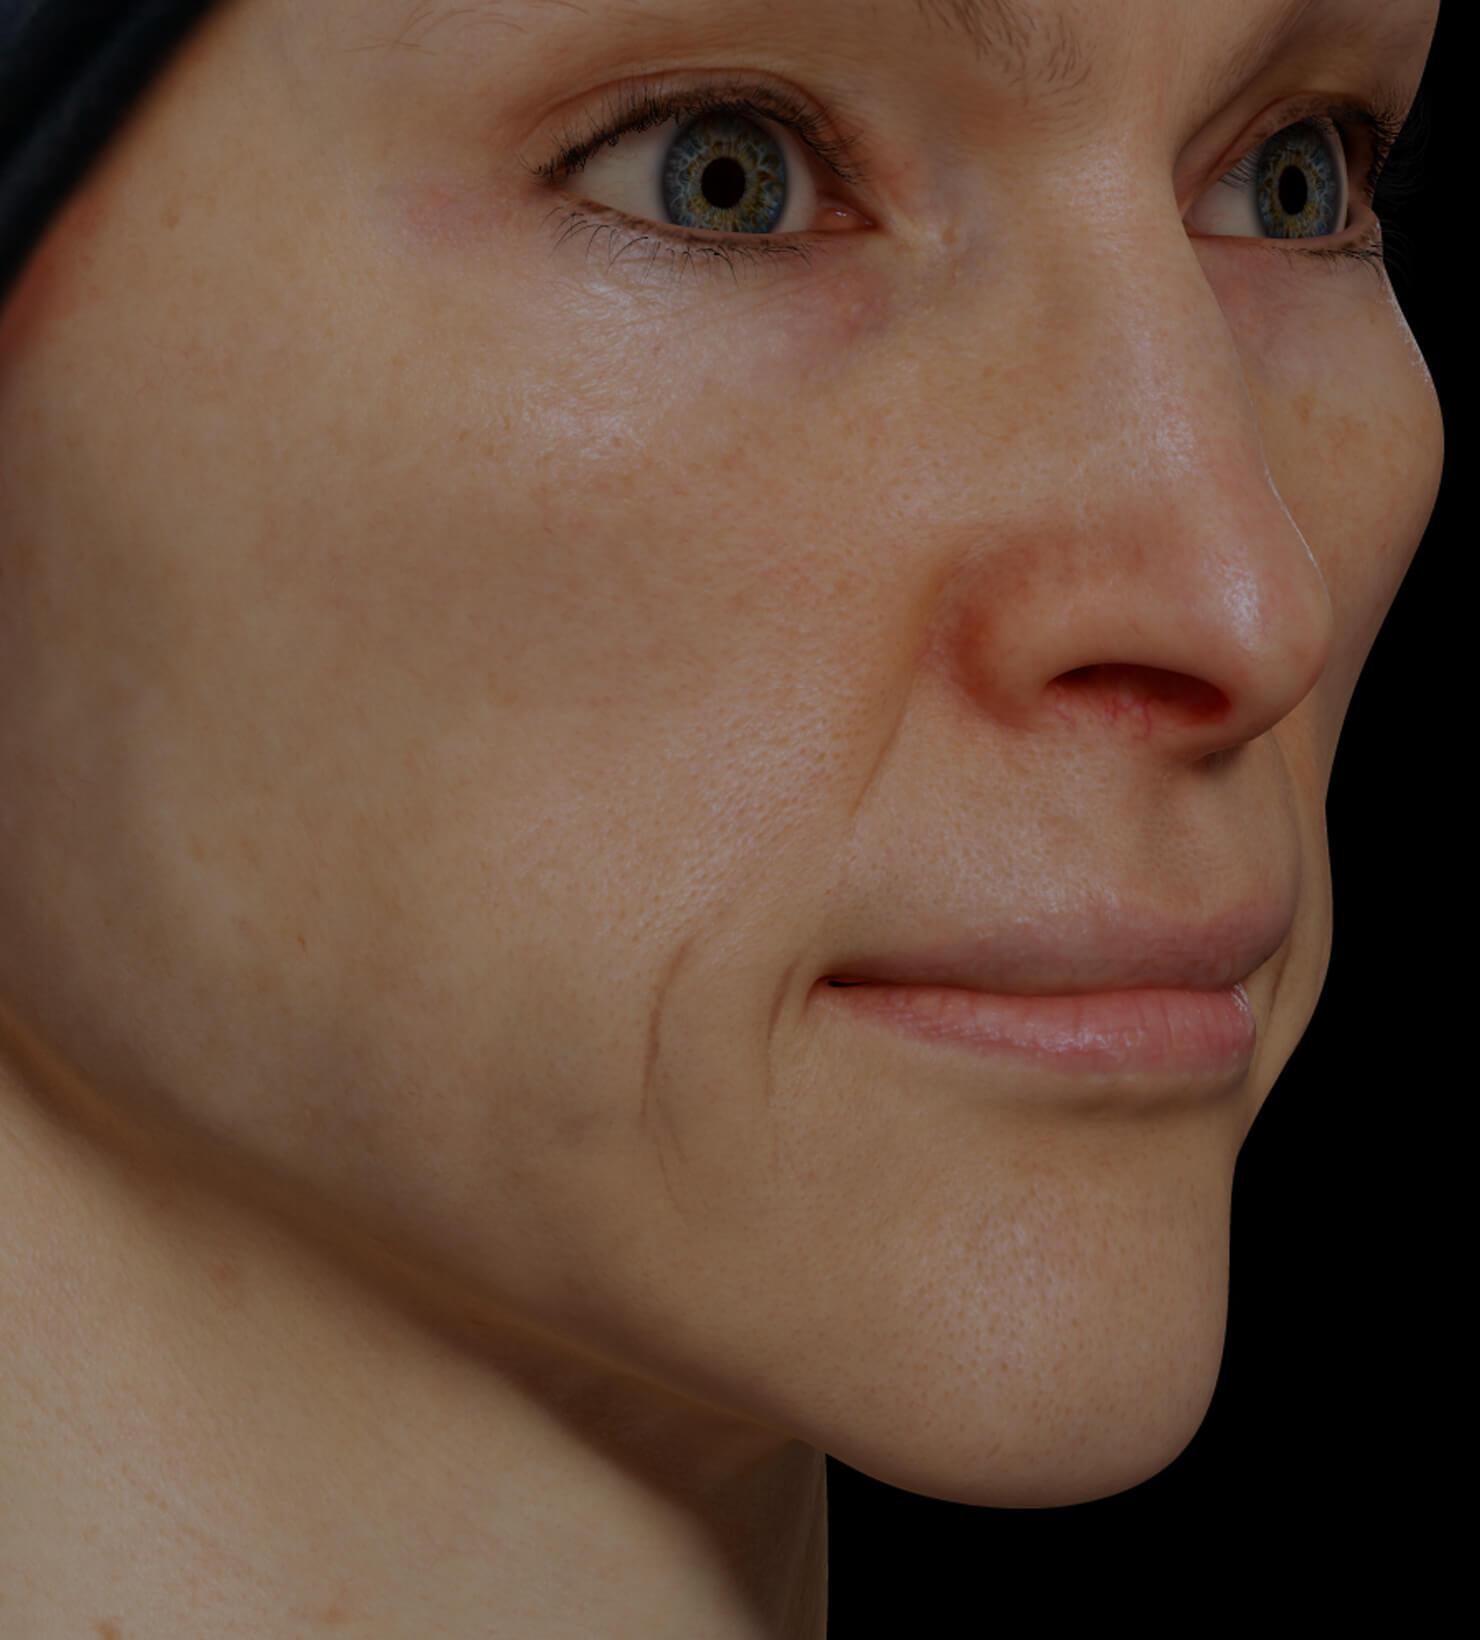 Patiente de la Clinique Chloé présentant un relâchement cutané du visage traitée avec des injections de Sculptra